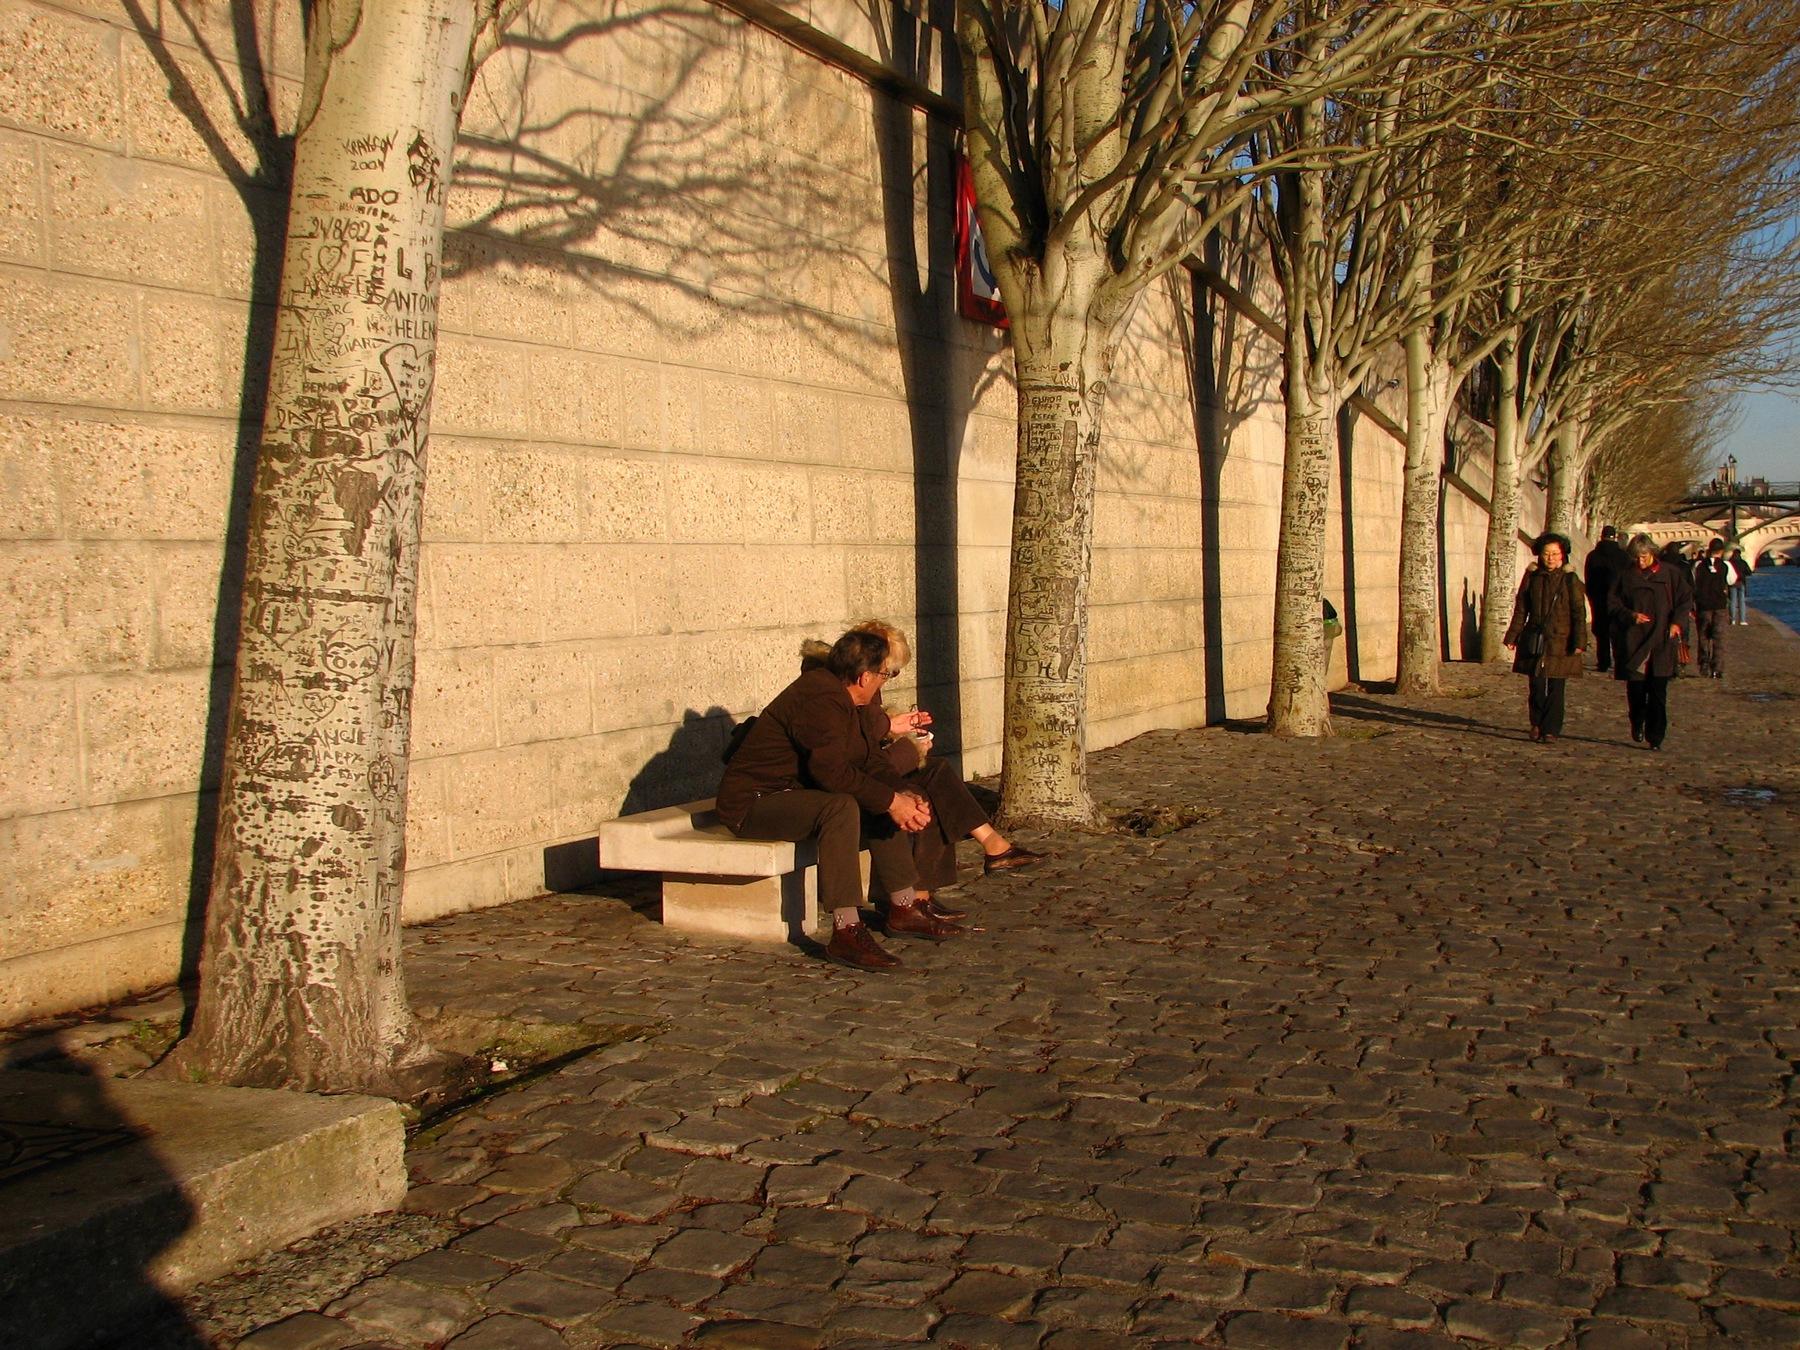 Bäume an der Promenade der Seine